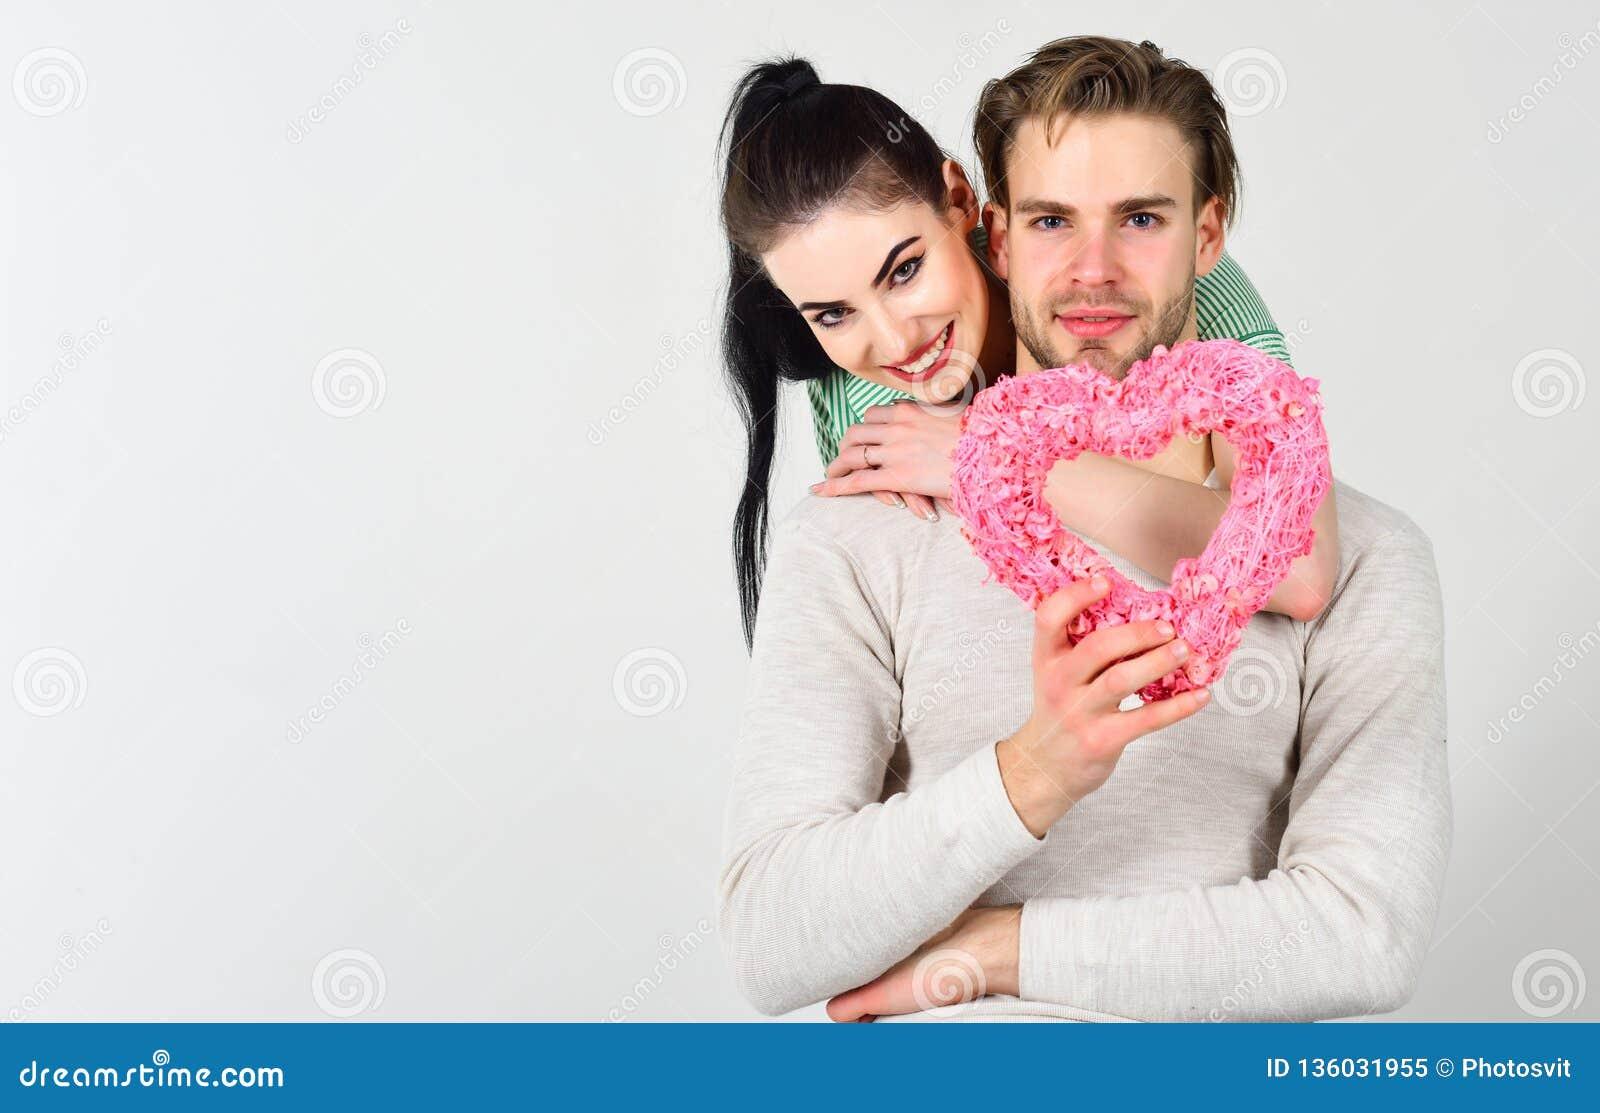 men love to cuddle